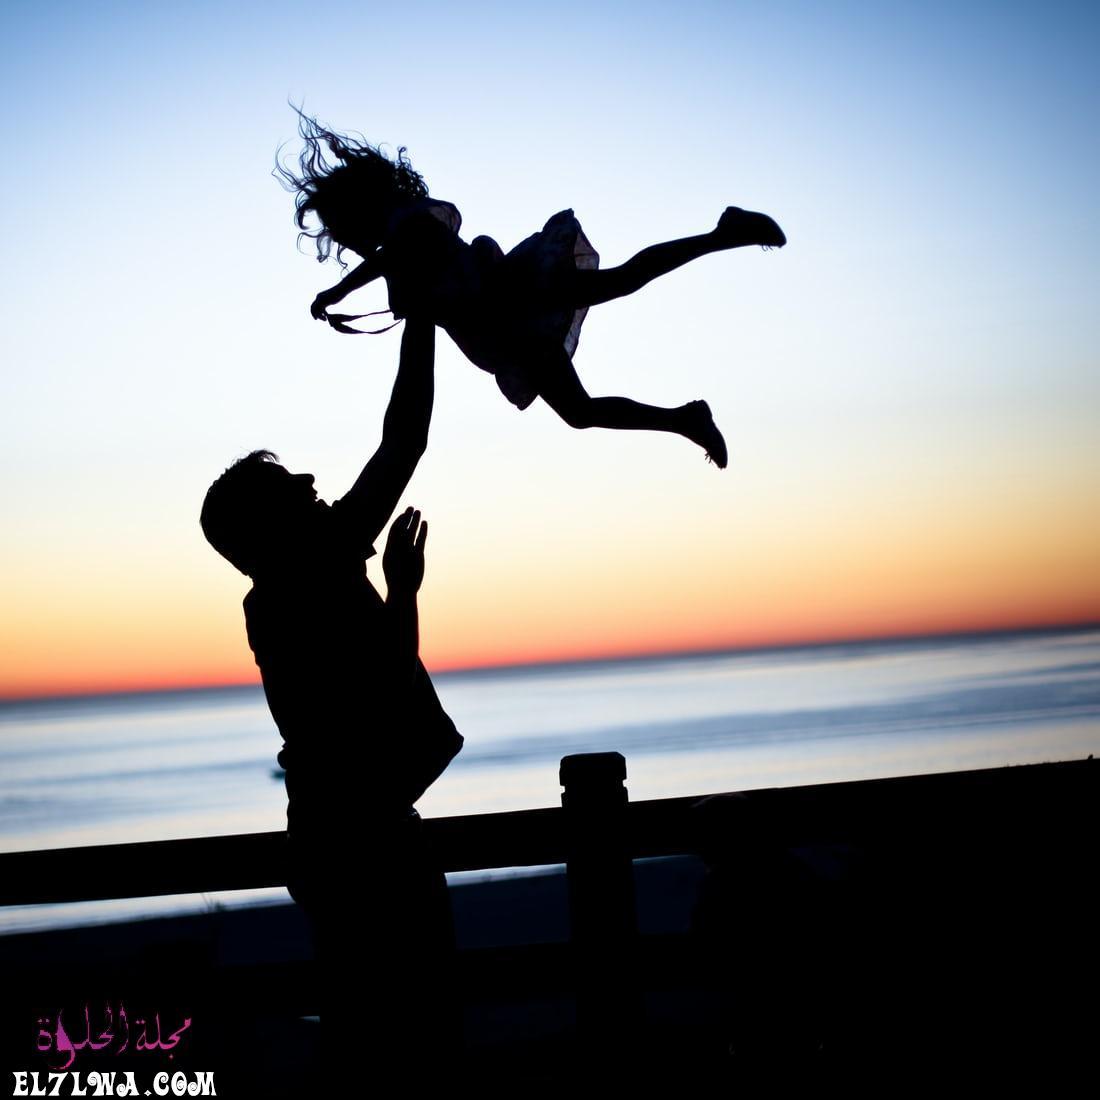 صور عن الأب حلوة جدا